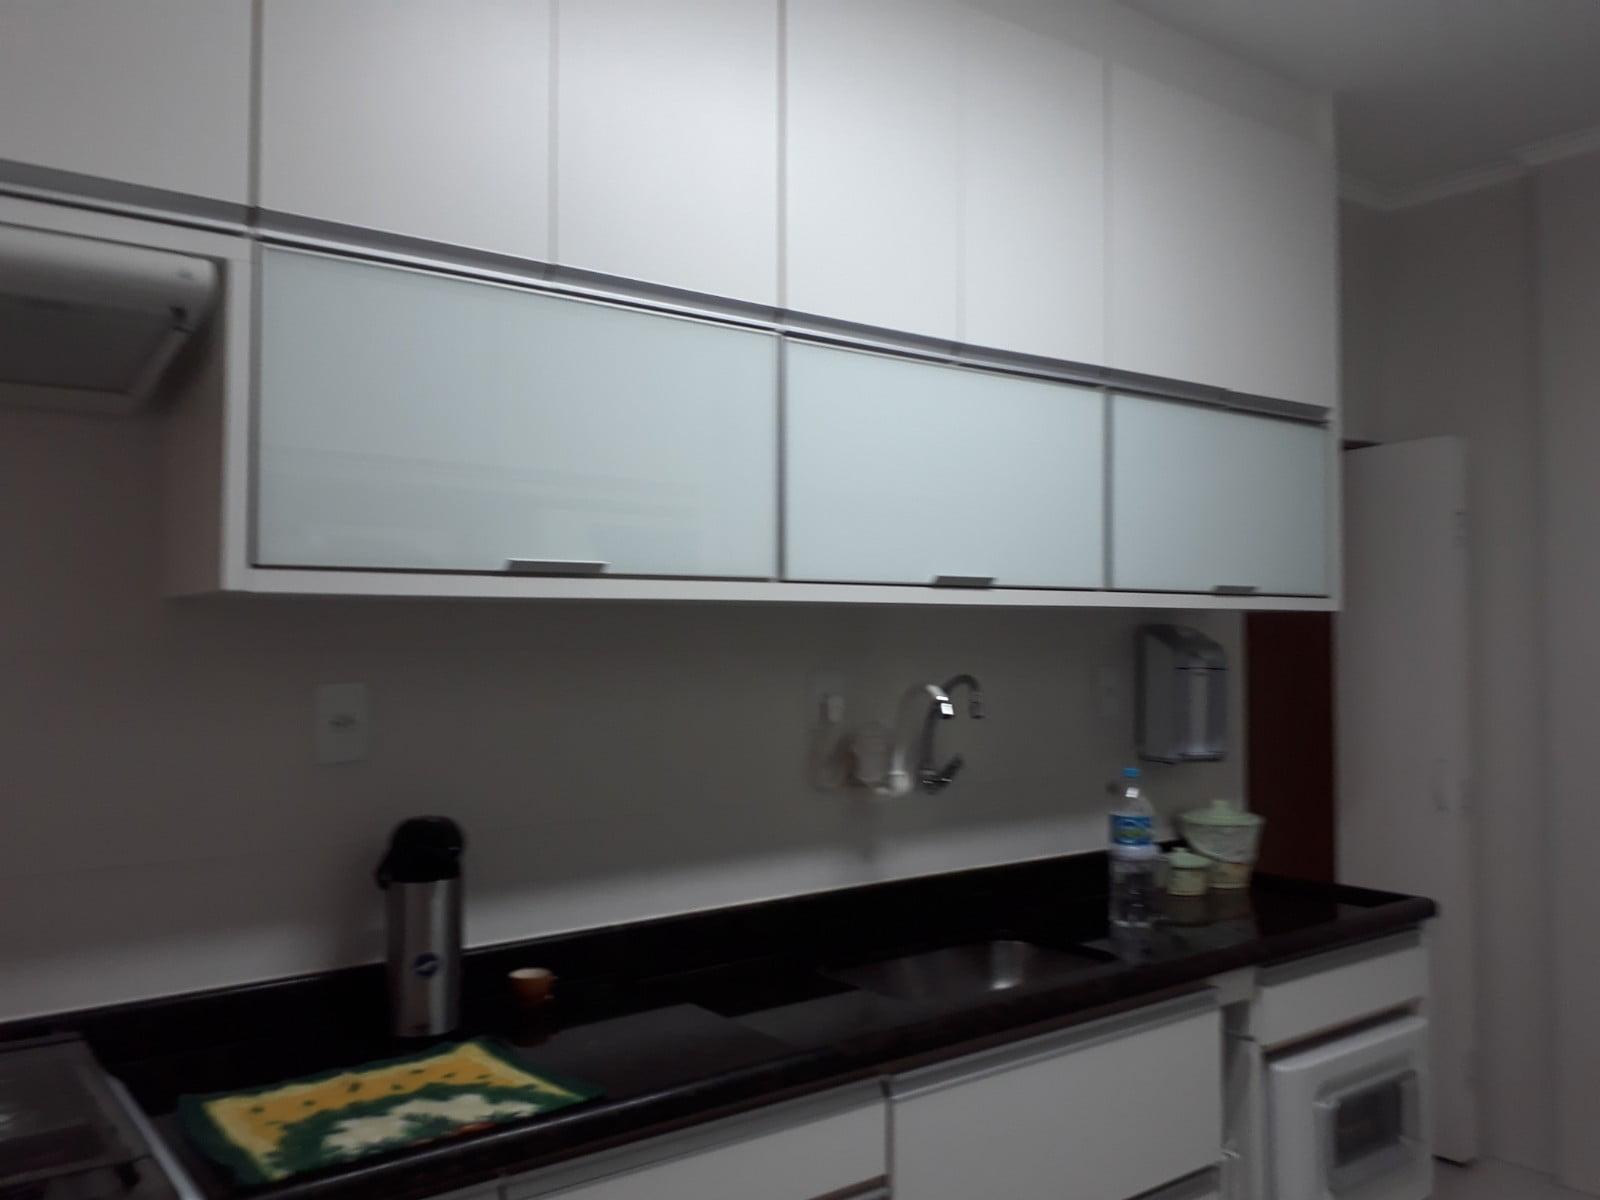 Boqueirão vendo apartamento 2 quartos sendo 1 suite dependência de empregada. - foto 5